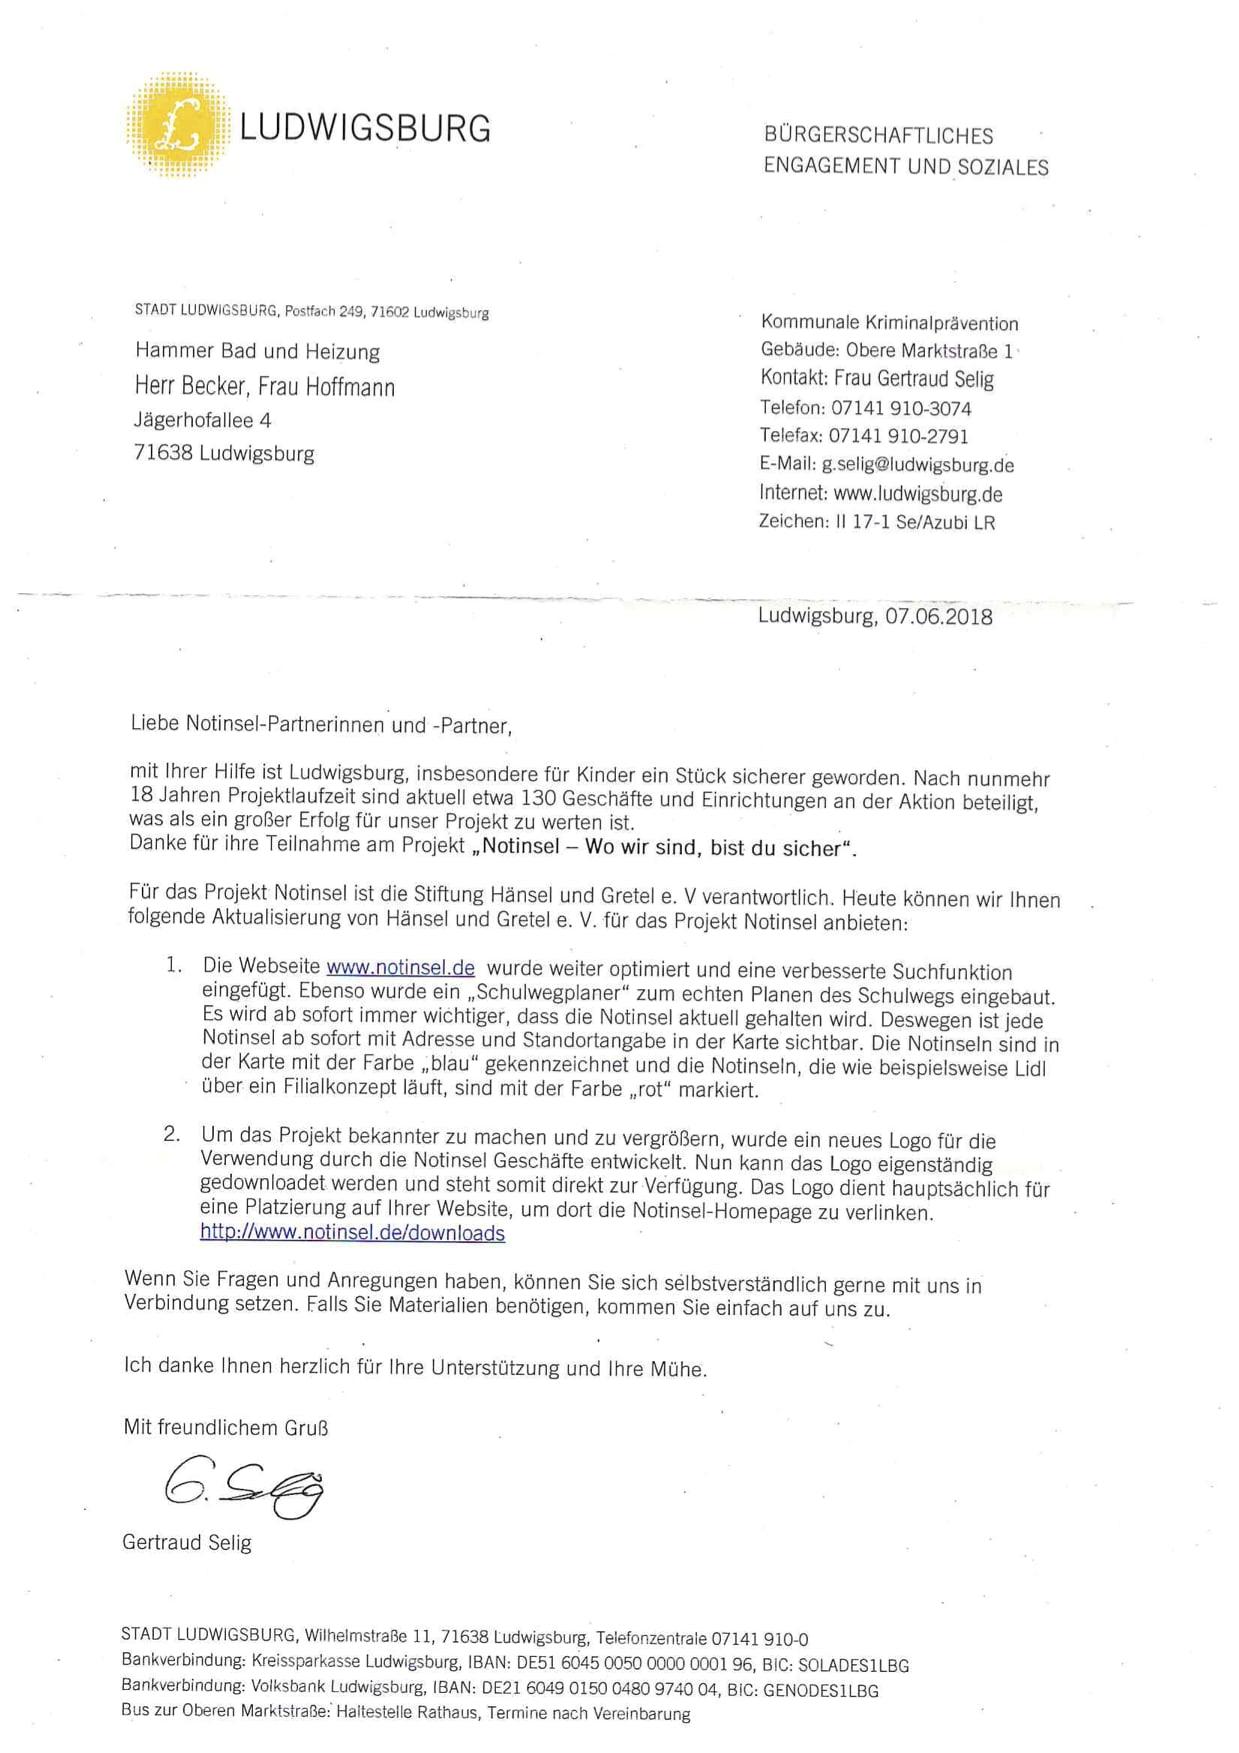 Bürgerliches Engagement von Hammer Bad und Heizung in Ludwigsburg